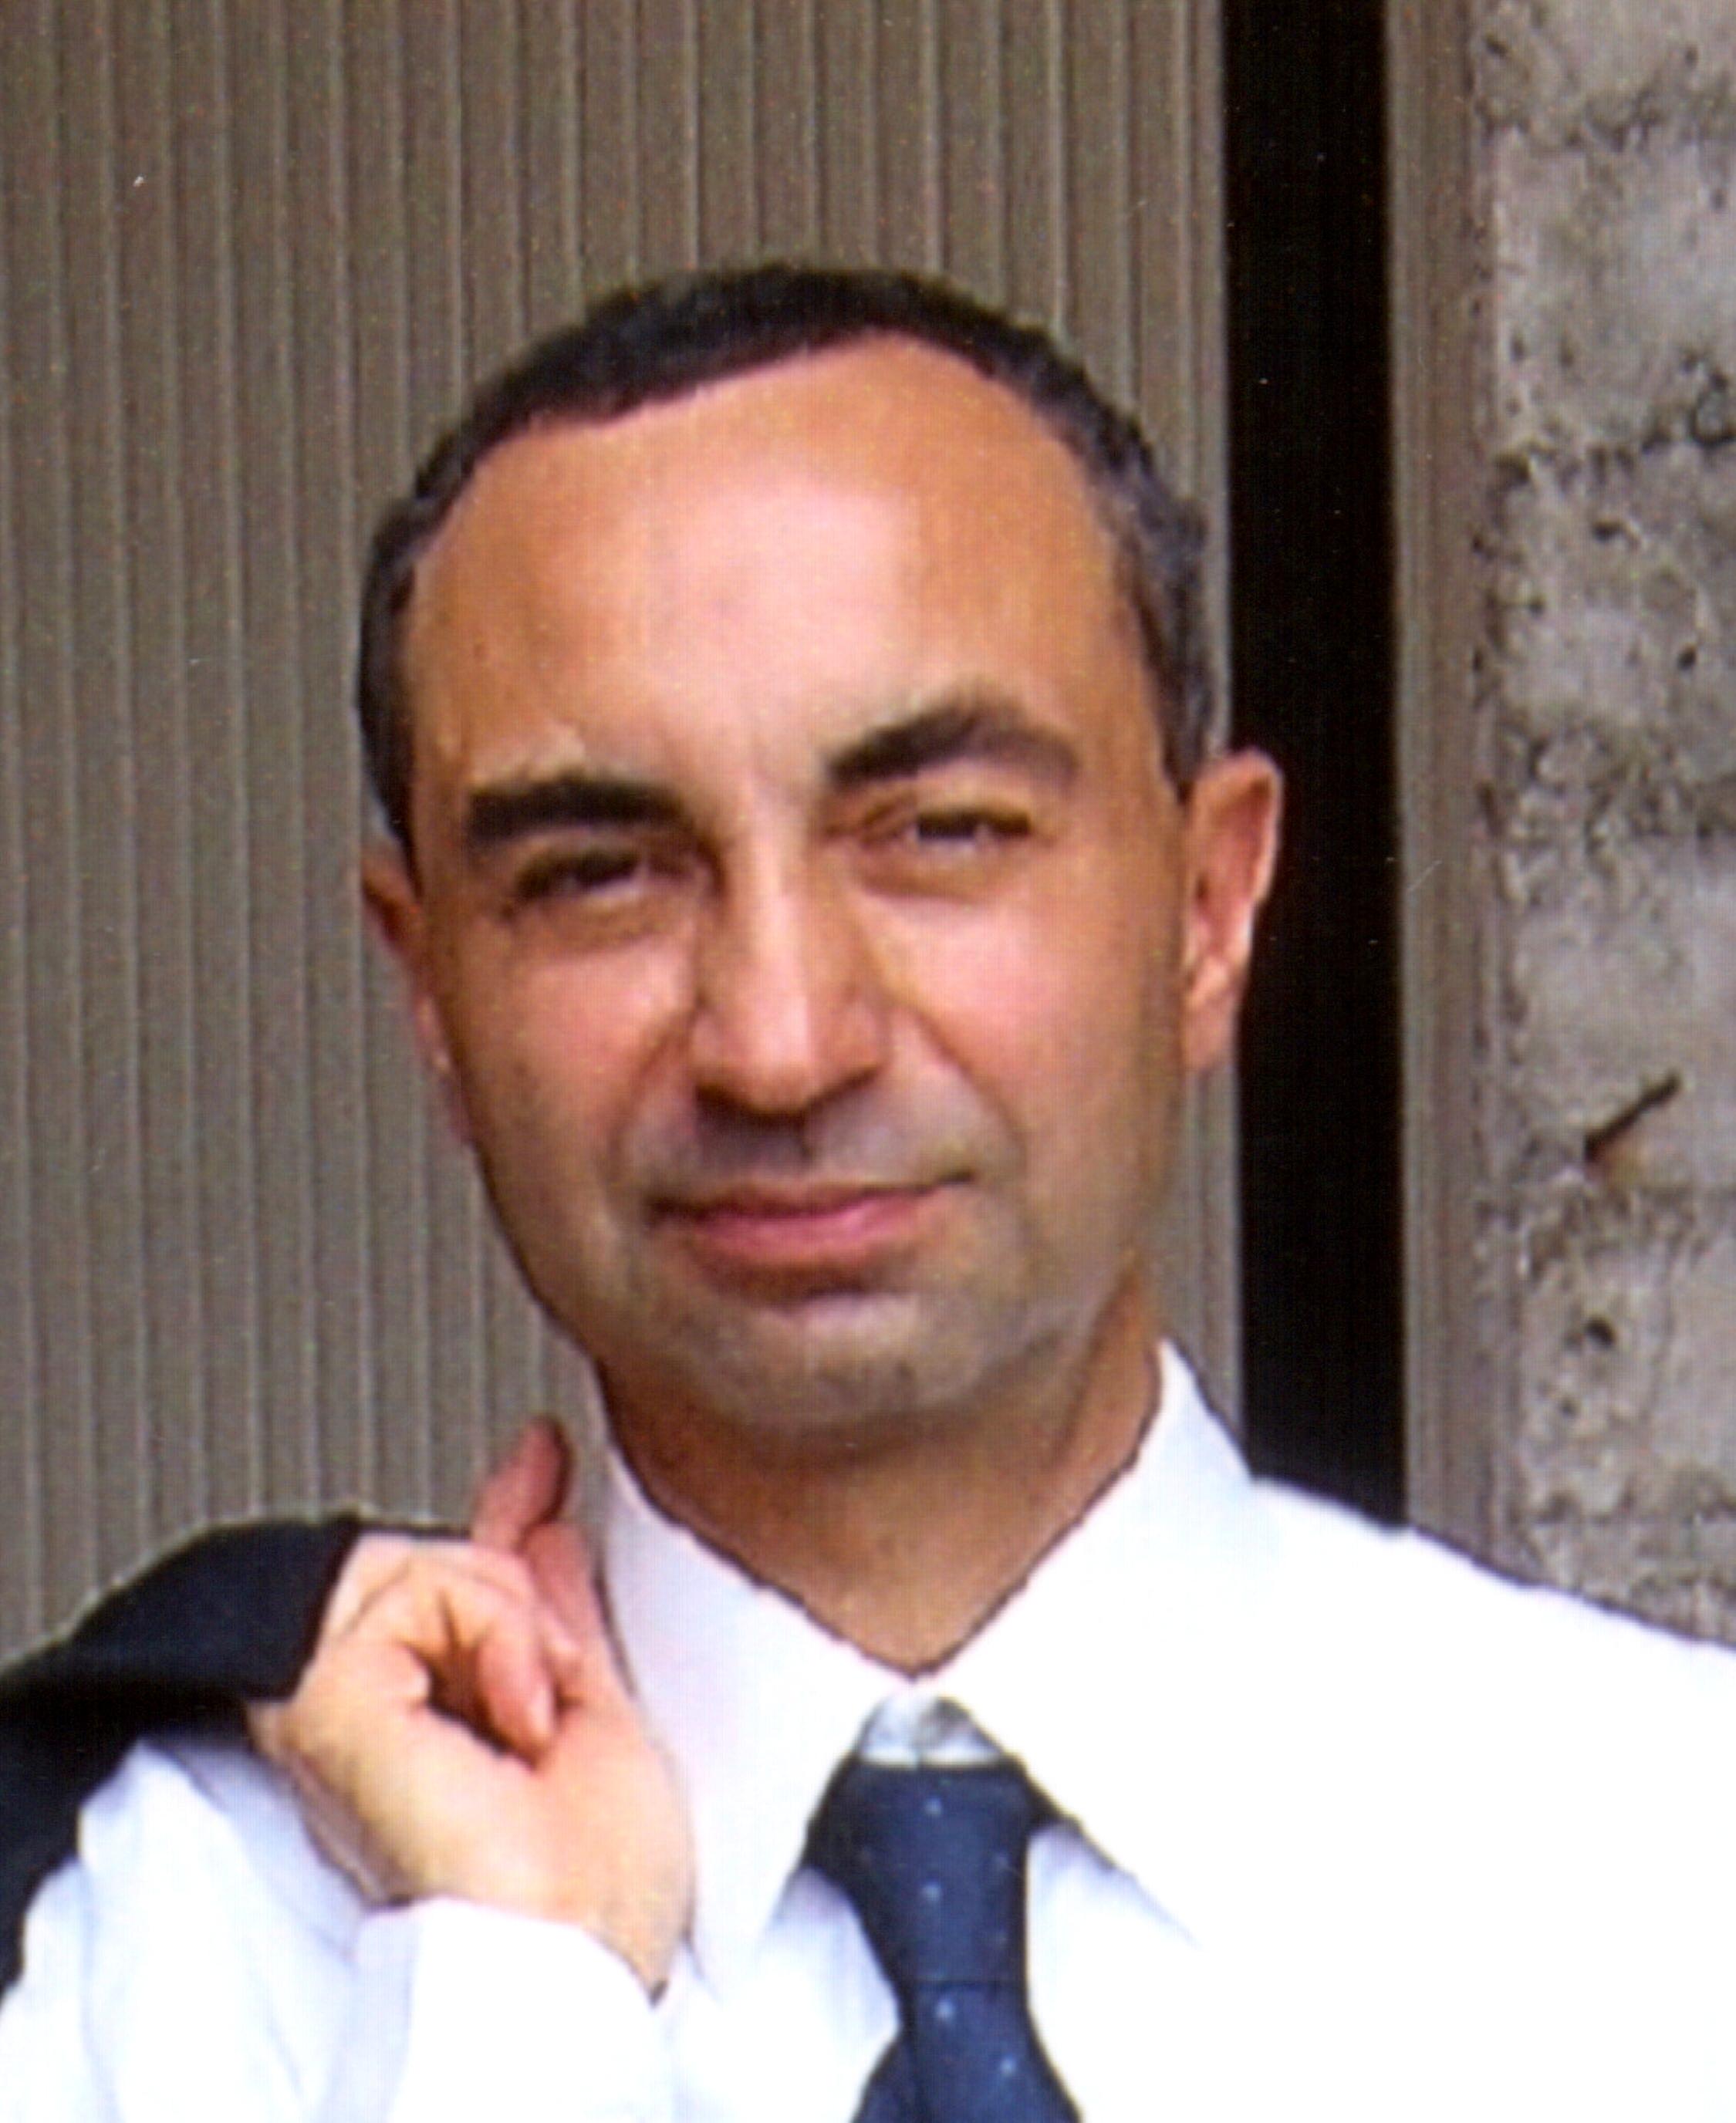 Butti Giancarlo_Clusit